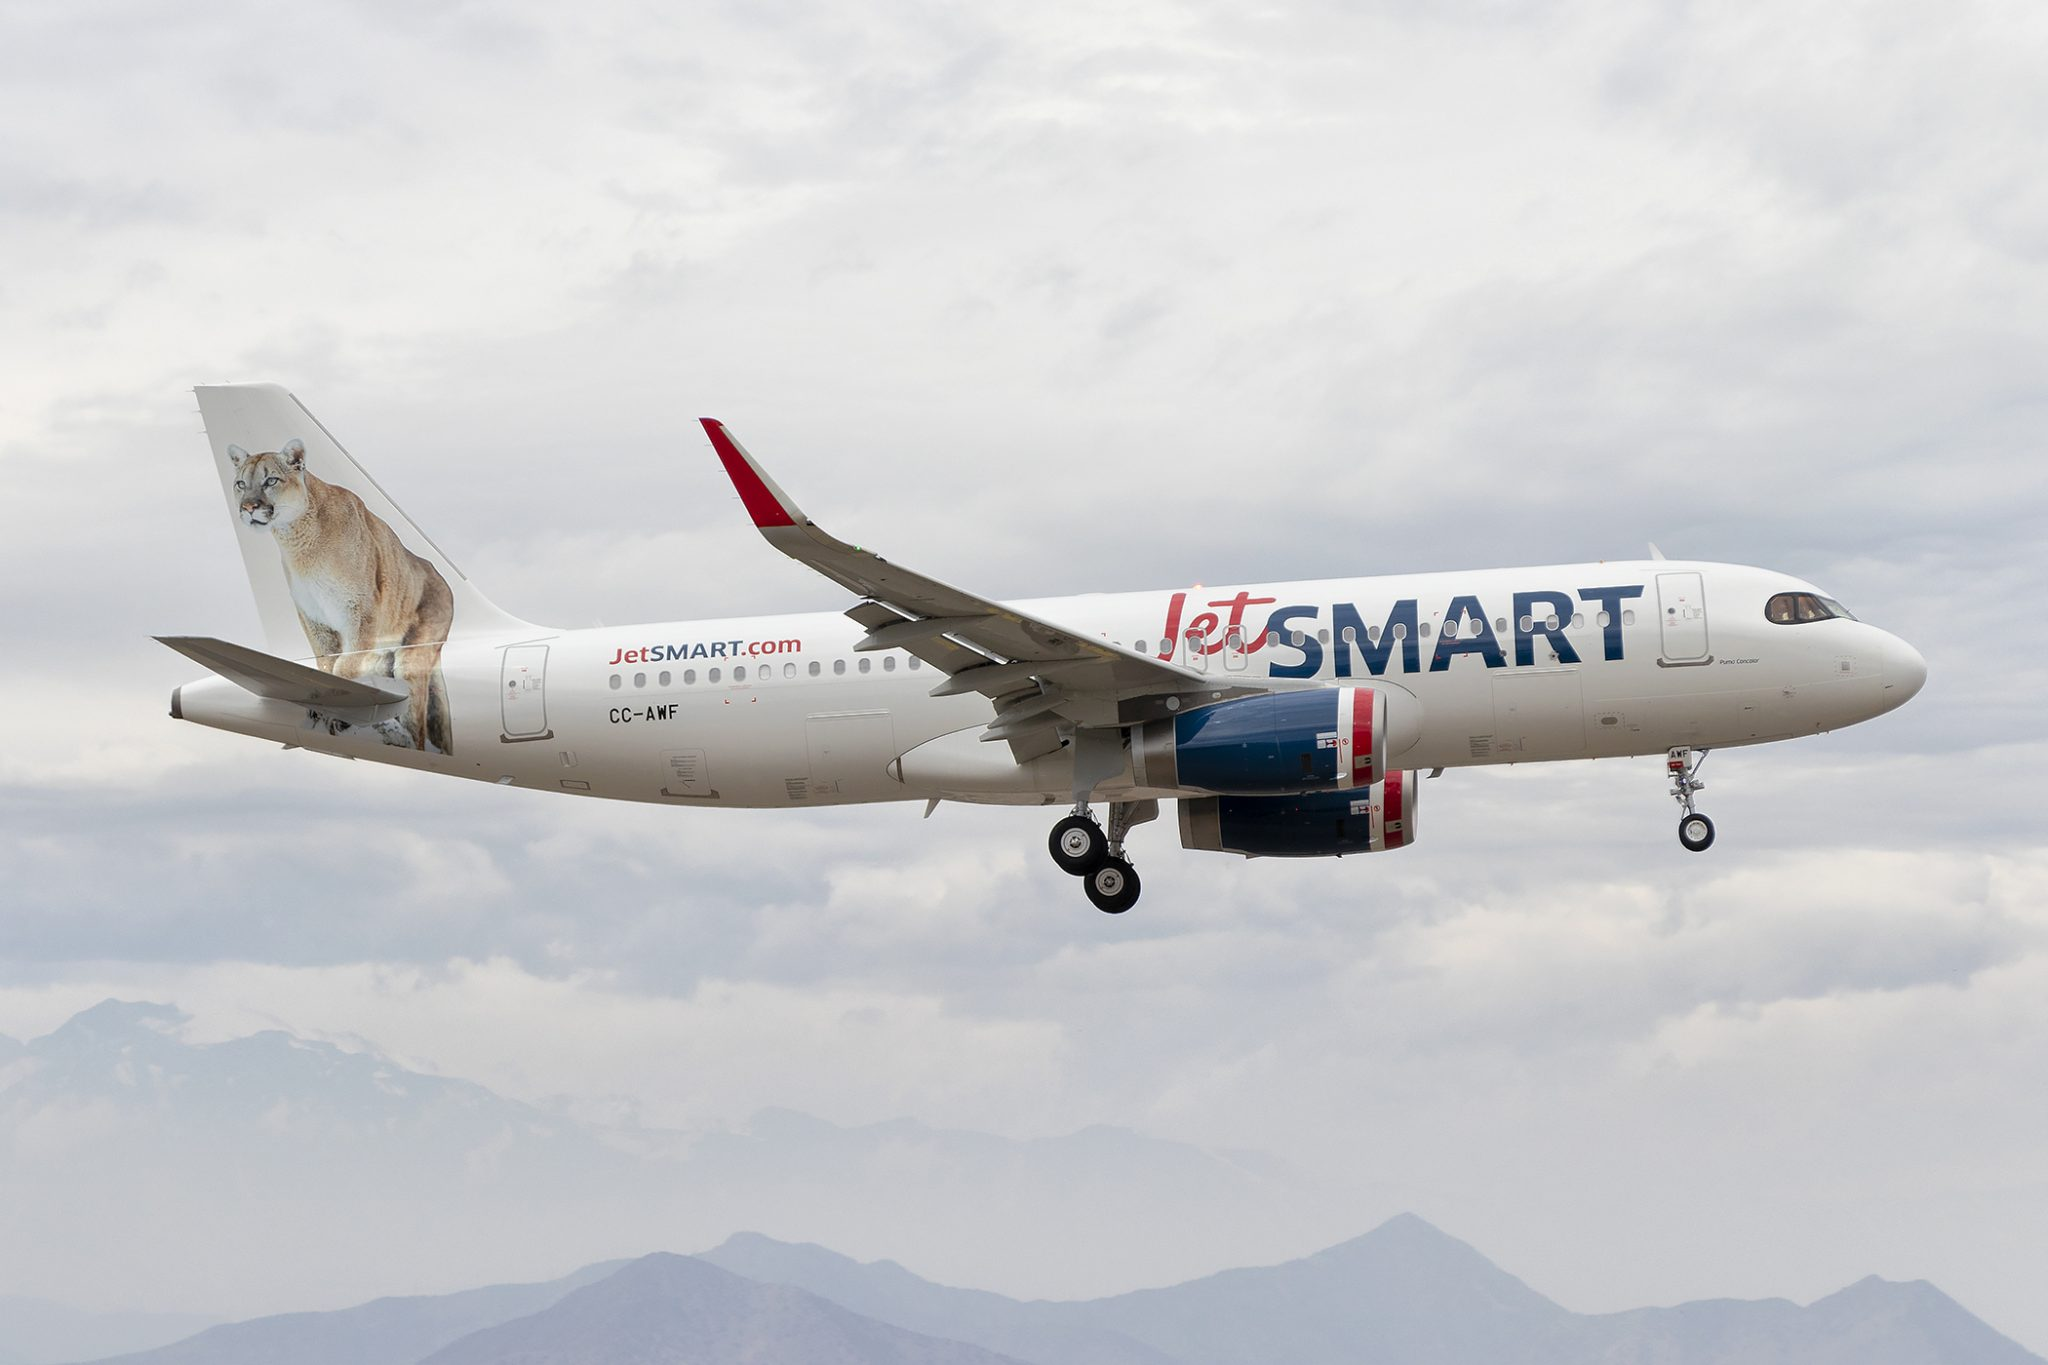 JetSmart quiere ser la aerolínea bajo costo de toda Sudamérica